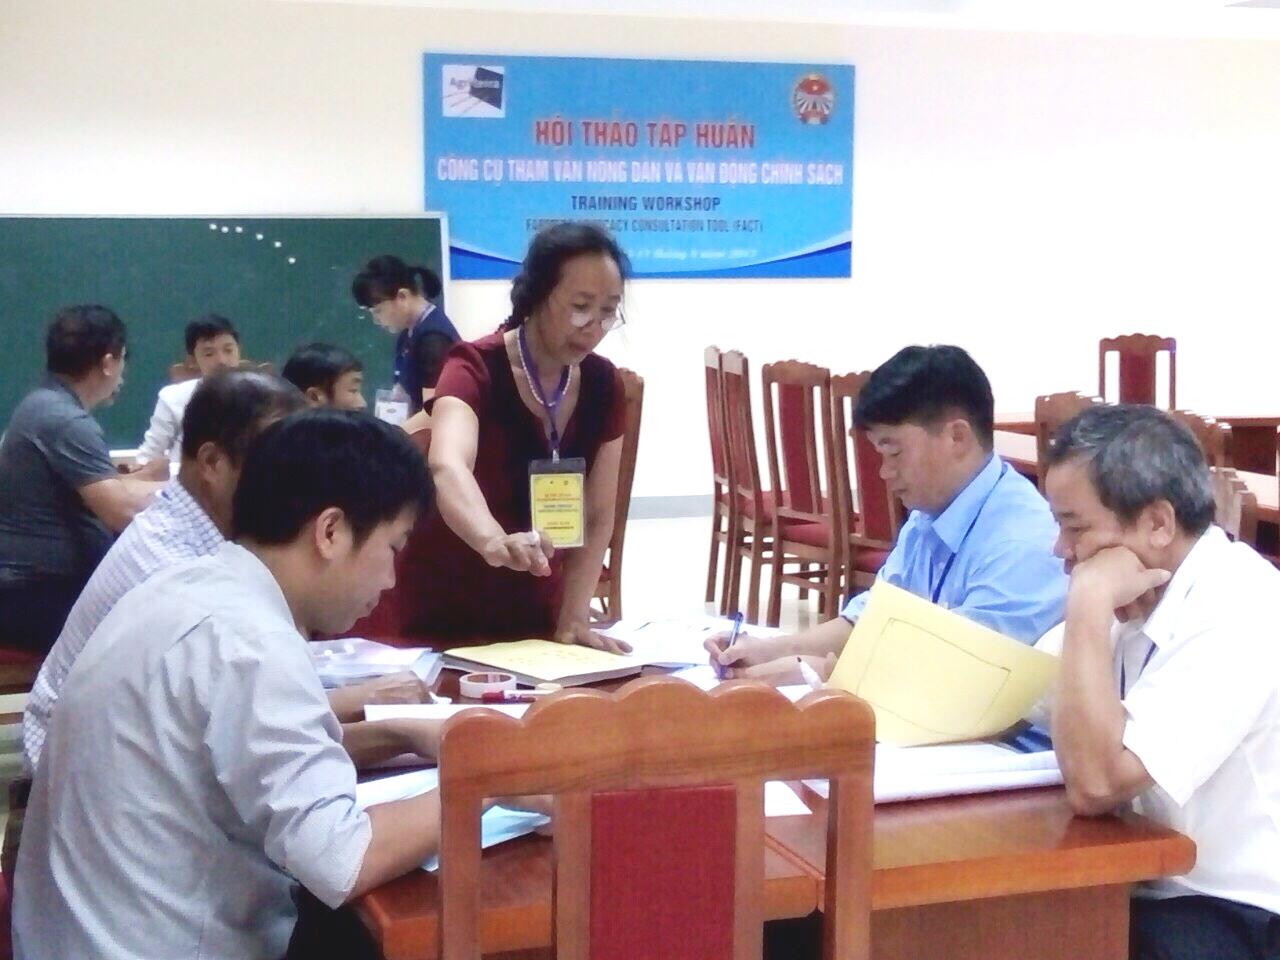 Lào Cai: Tập huấn công cụ tham vấn nông dân và vận động chính sách